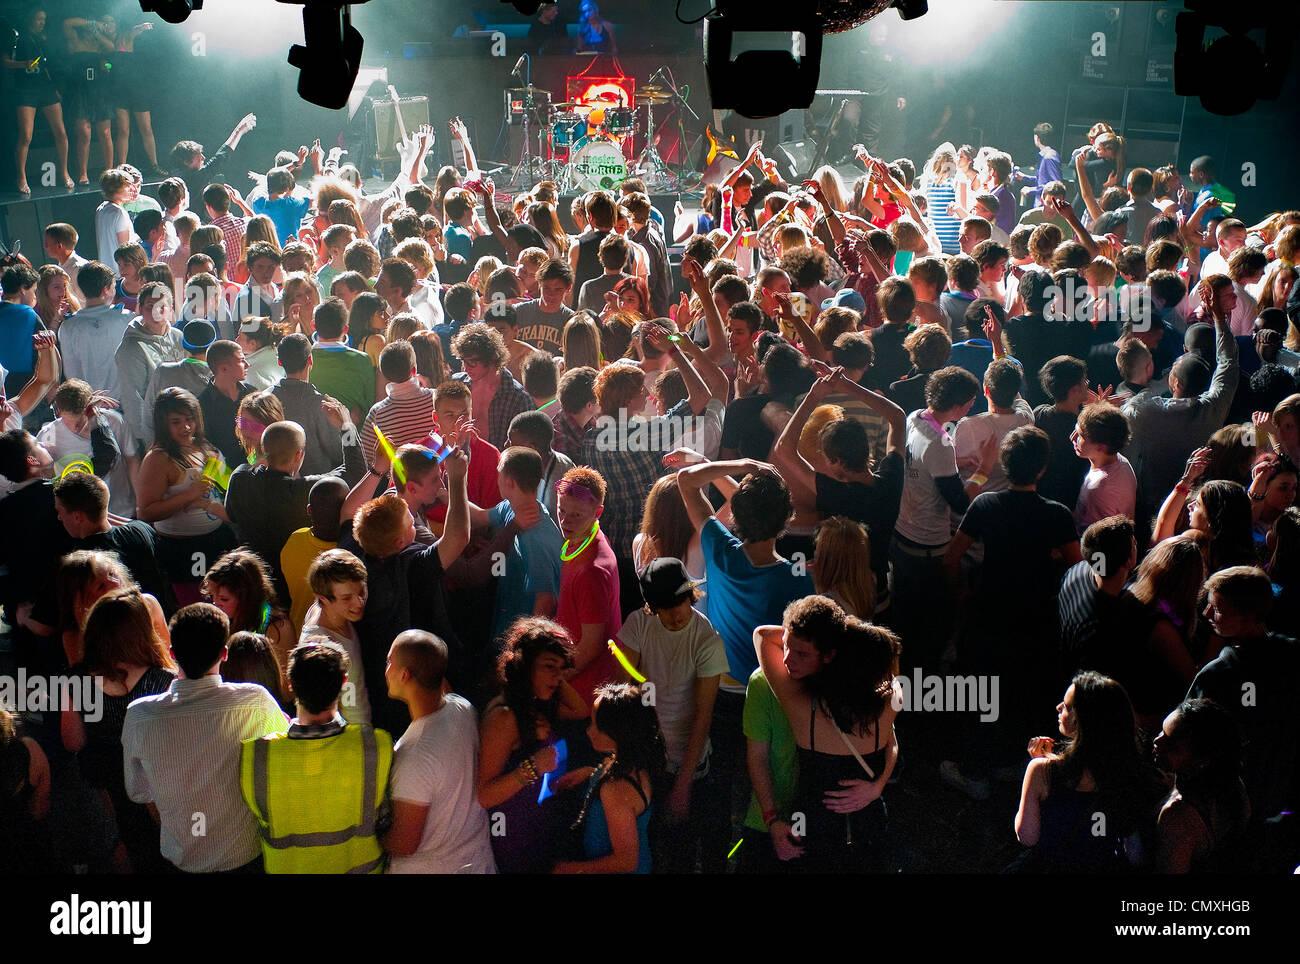 Adolescentes en Newquay, Cornwall partying. Imagen De Stock